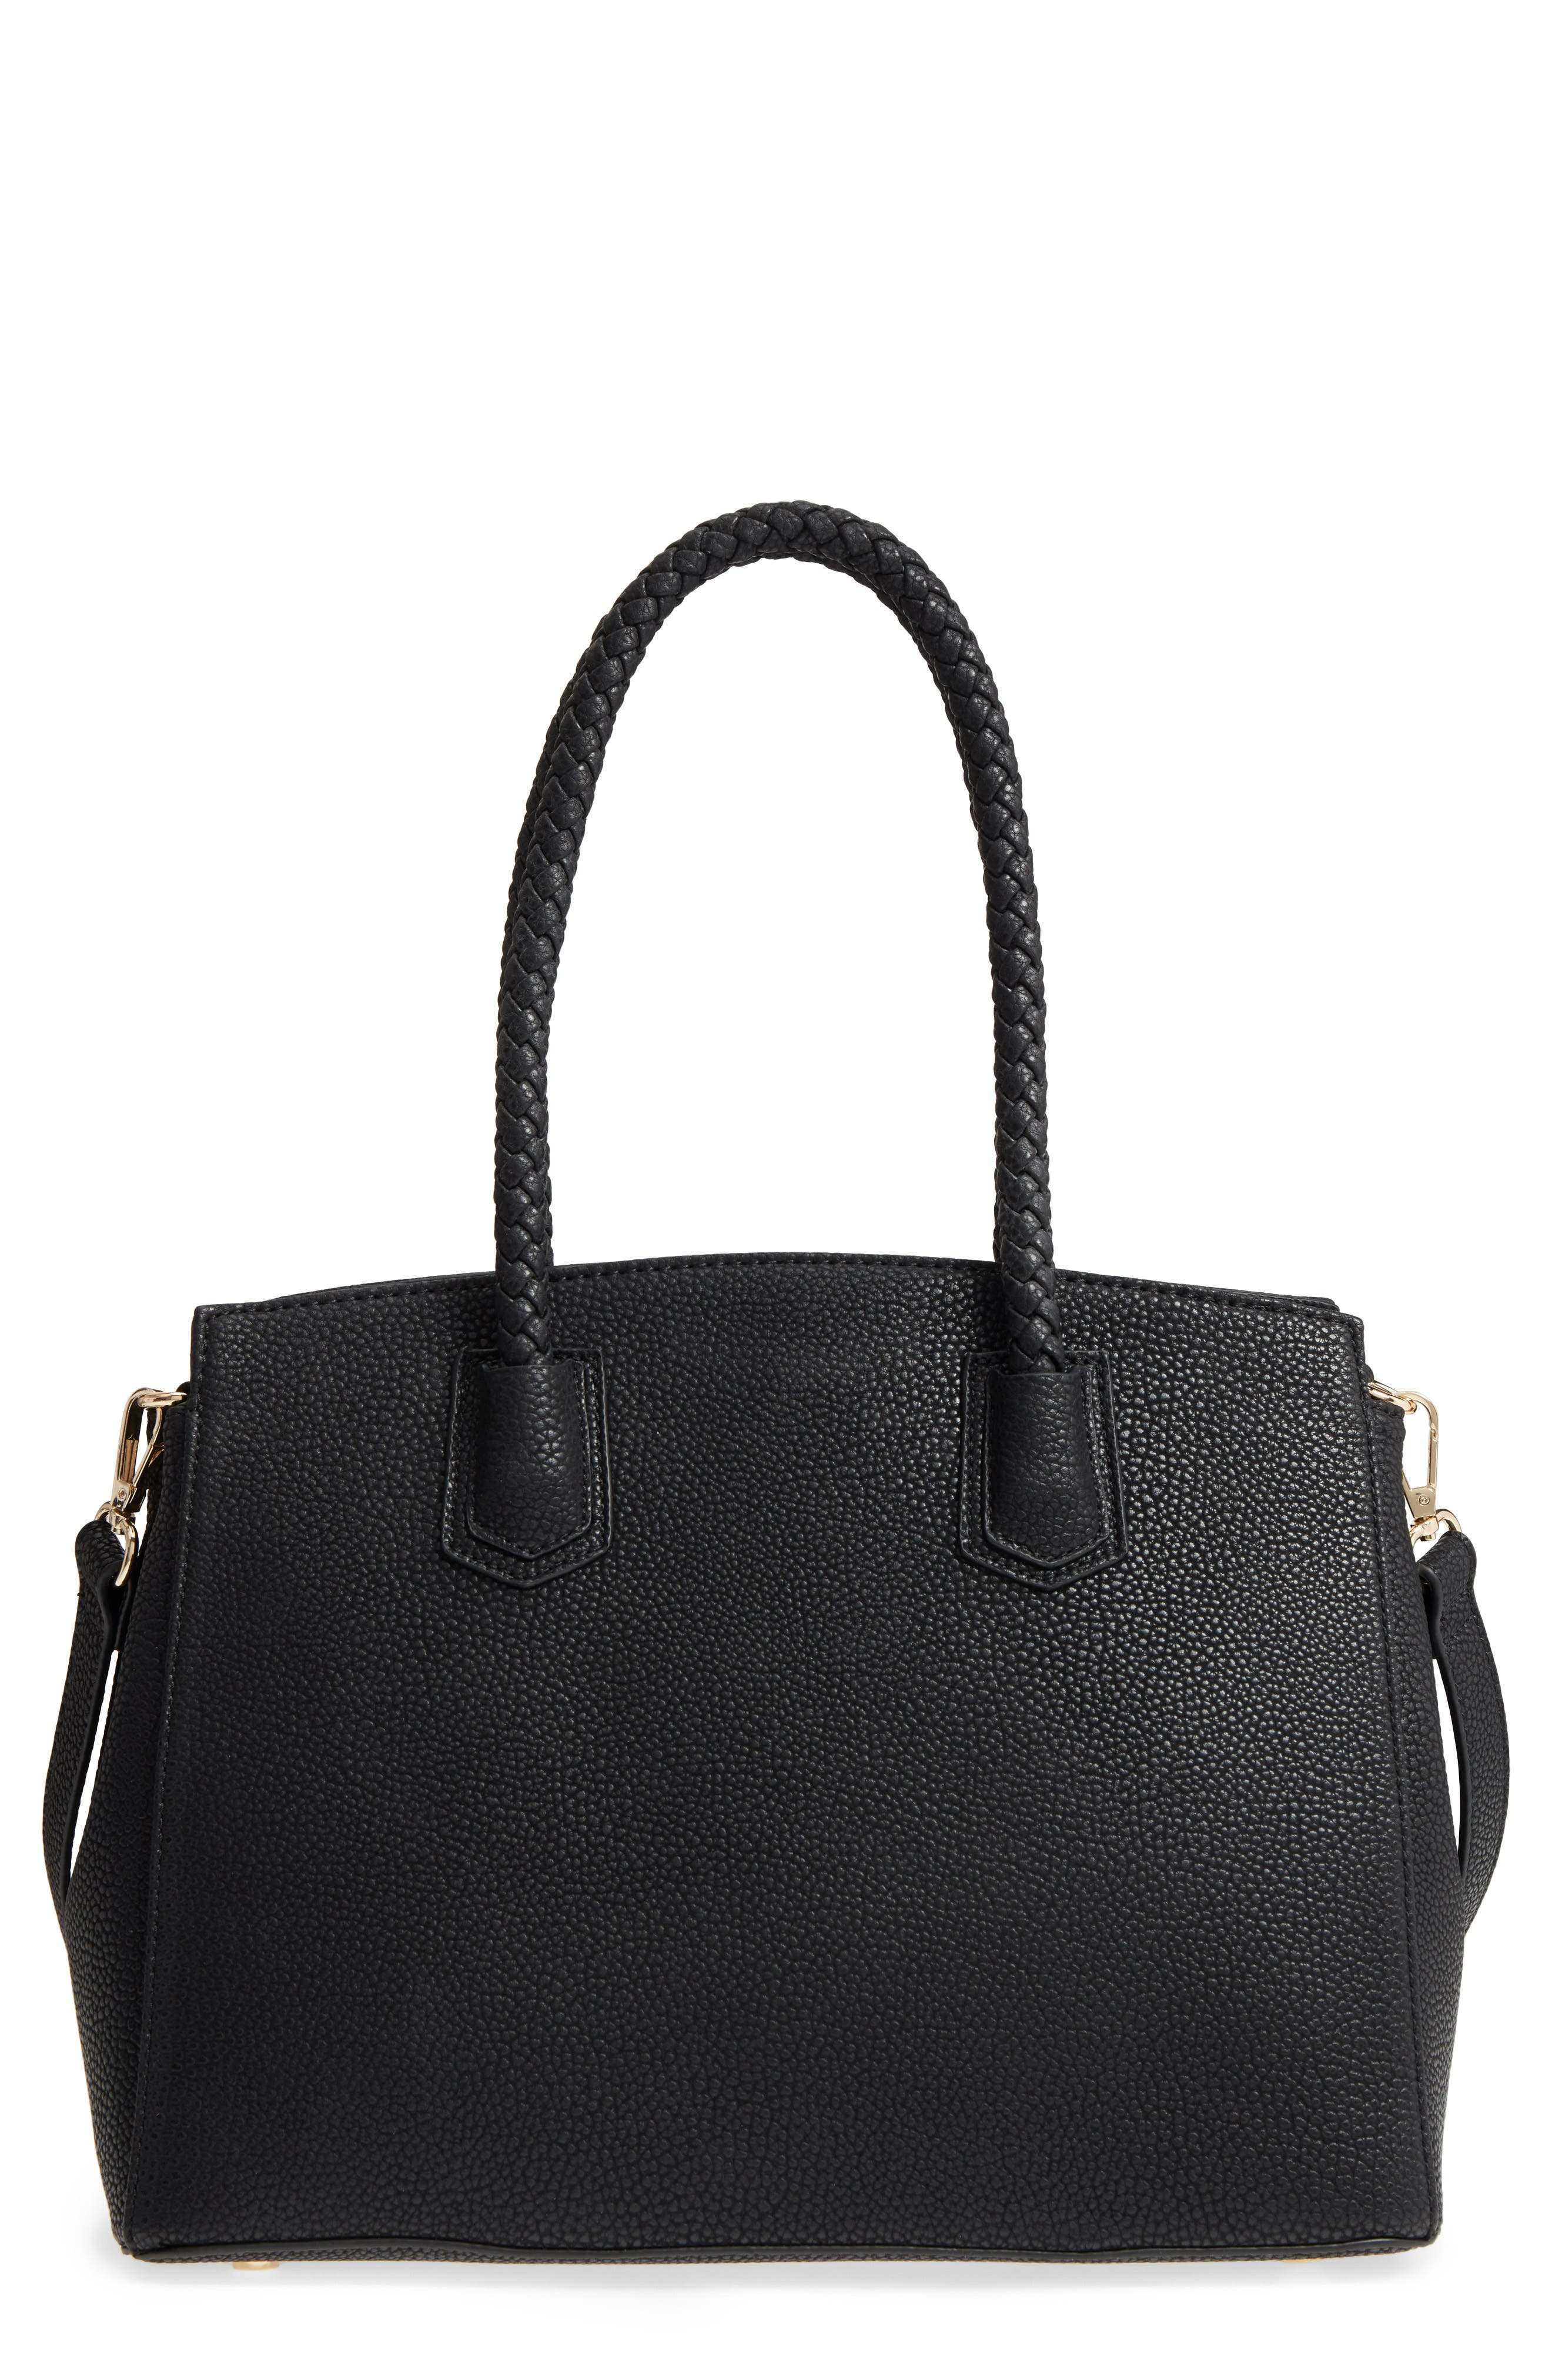 Lexington Faux Leather Satchel,                         Main,                         color, Black